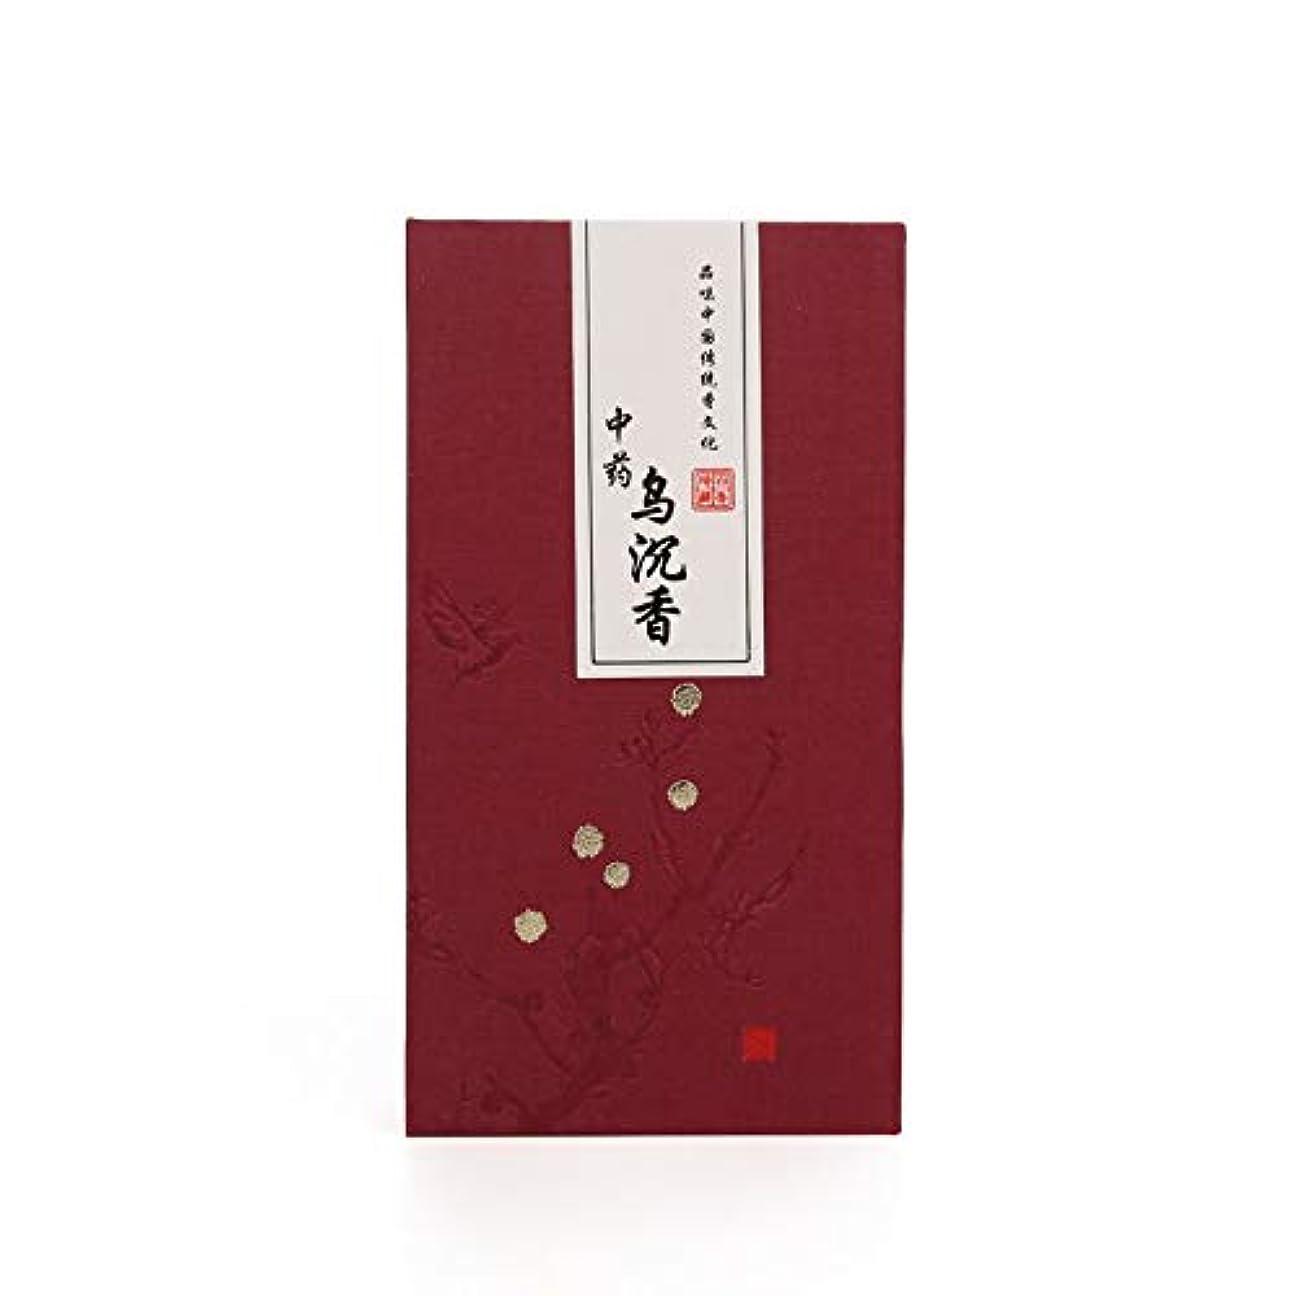 司教革新反毒Diatems - 絶妙な箱入りの天然白檀の香りのお香、香りの木、辺材、ヒノキ、2時間、長期的な仏香、アロマテラピー[鳥サンダルウッド]